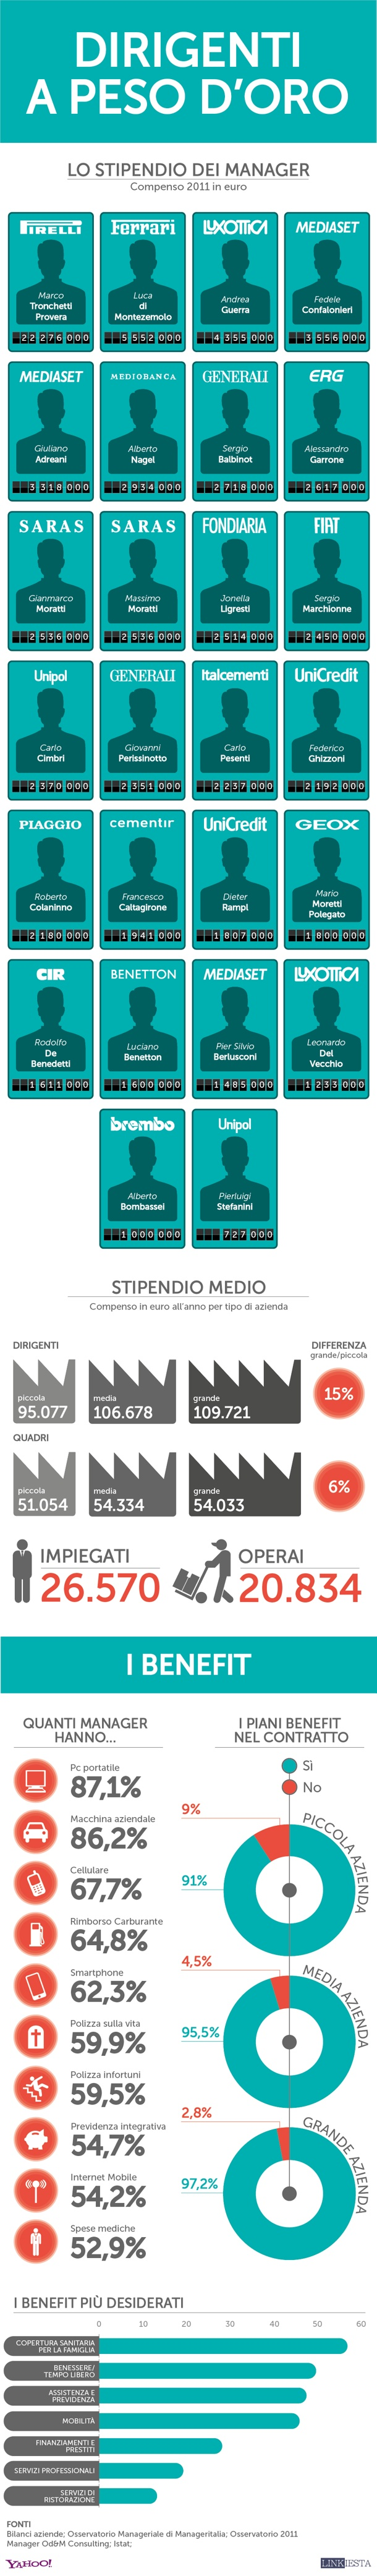 Fino a 3874 euro al giorno http://www.signaltrader.it